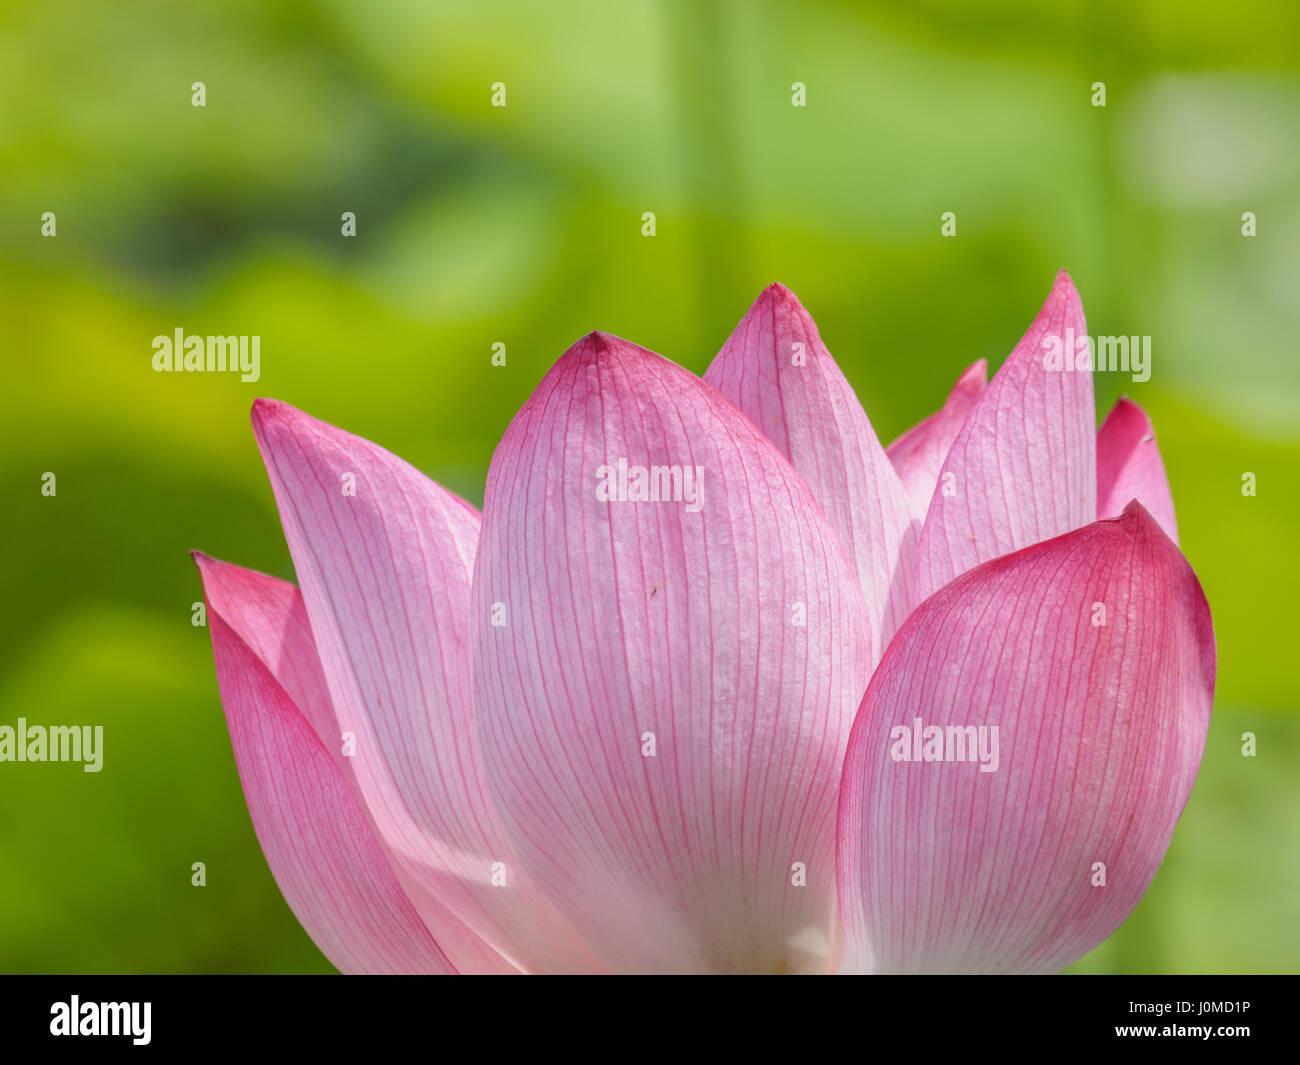 Summer flowers series, beautiful pink lotus flowers. - Stock Image